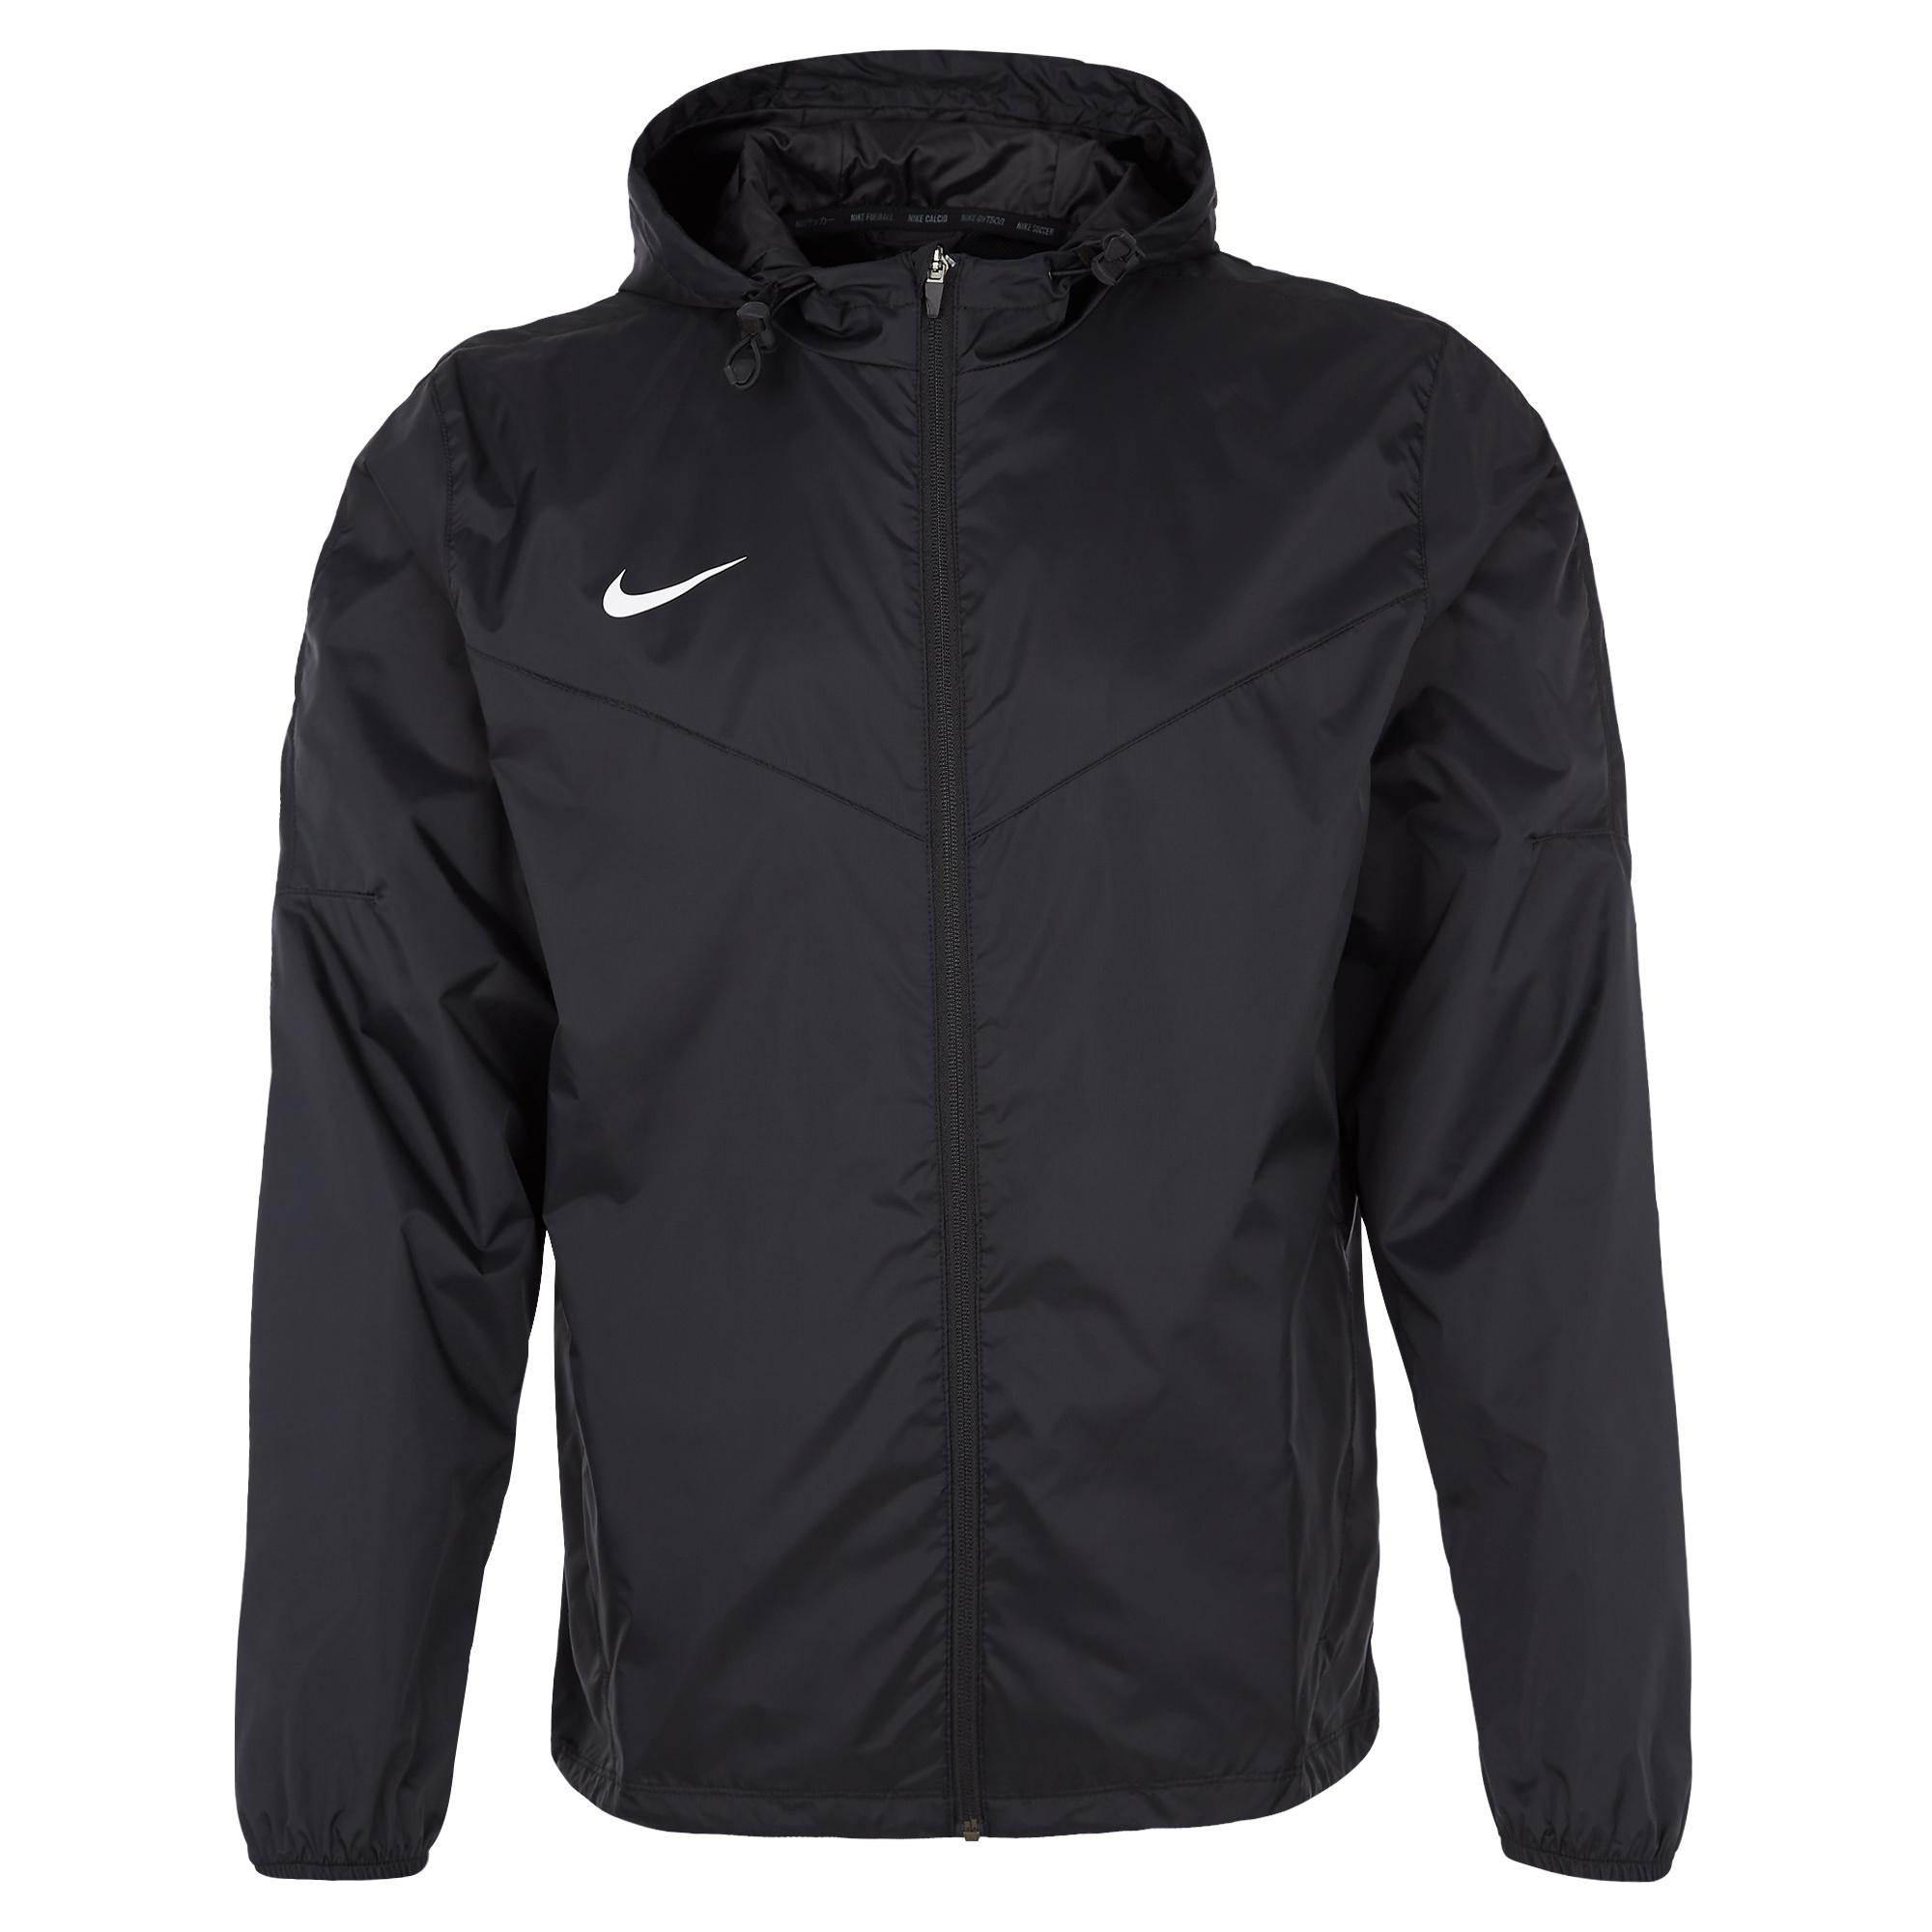 a19ce52714bf9b Nike Team Sideline Regenjacke Herren schwarz   weiß im Online Shop von  SportScheck kaufen